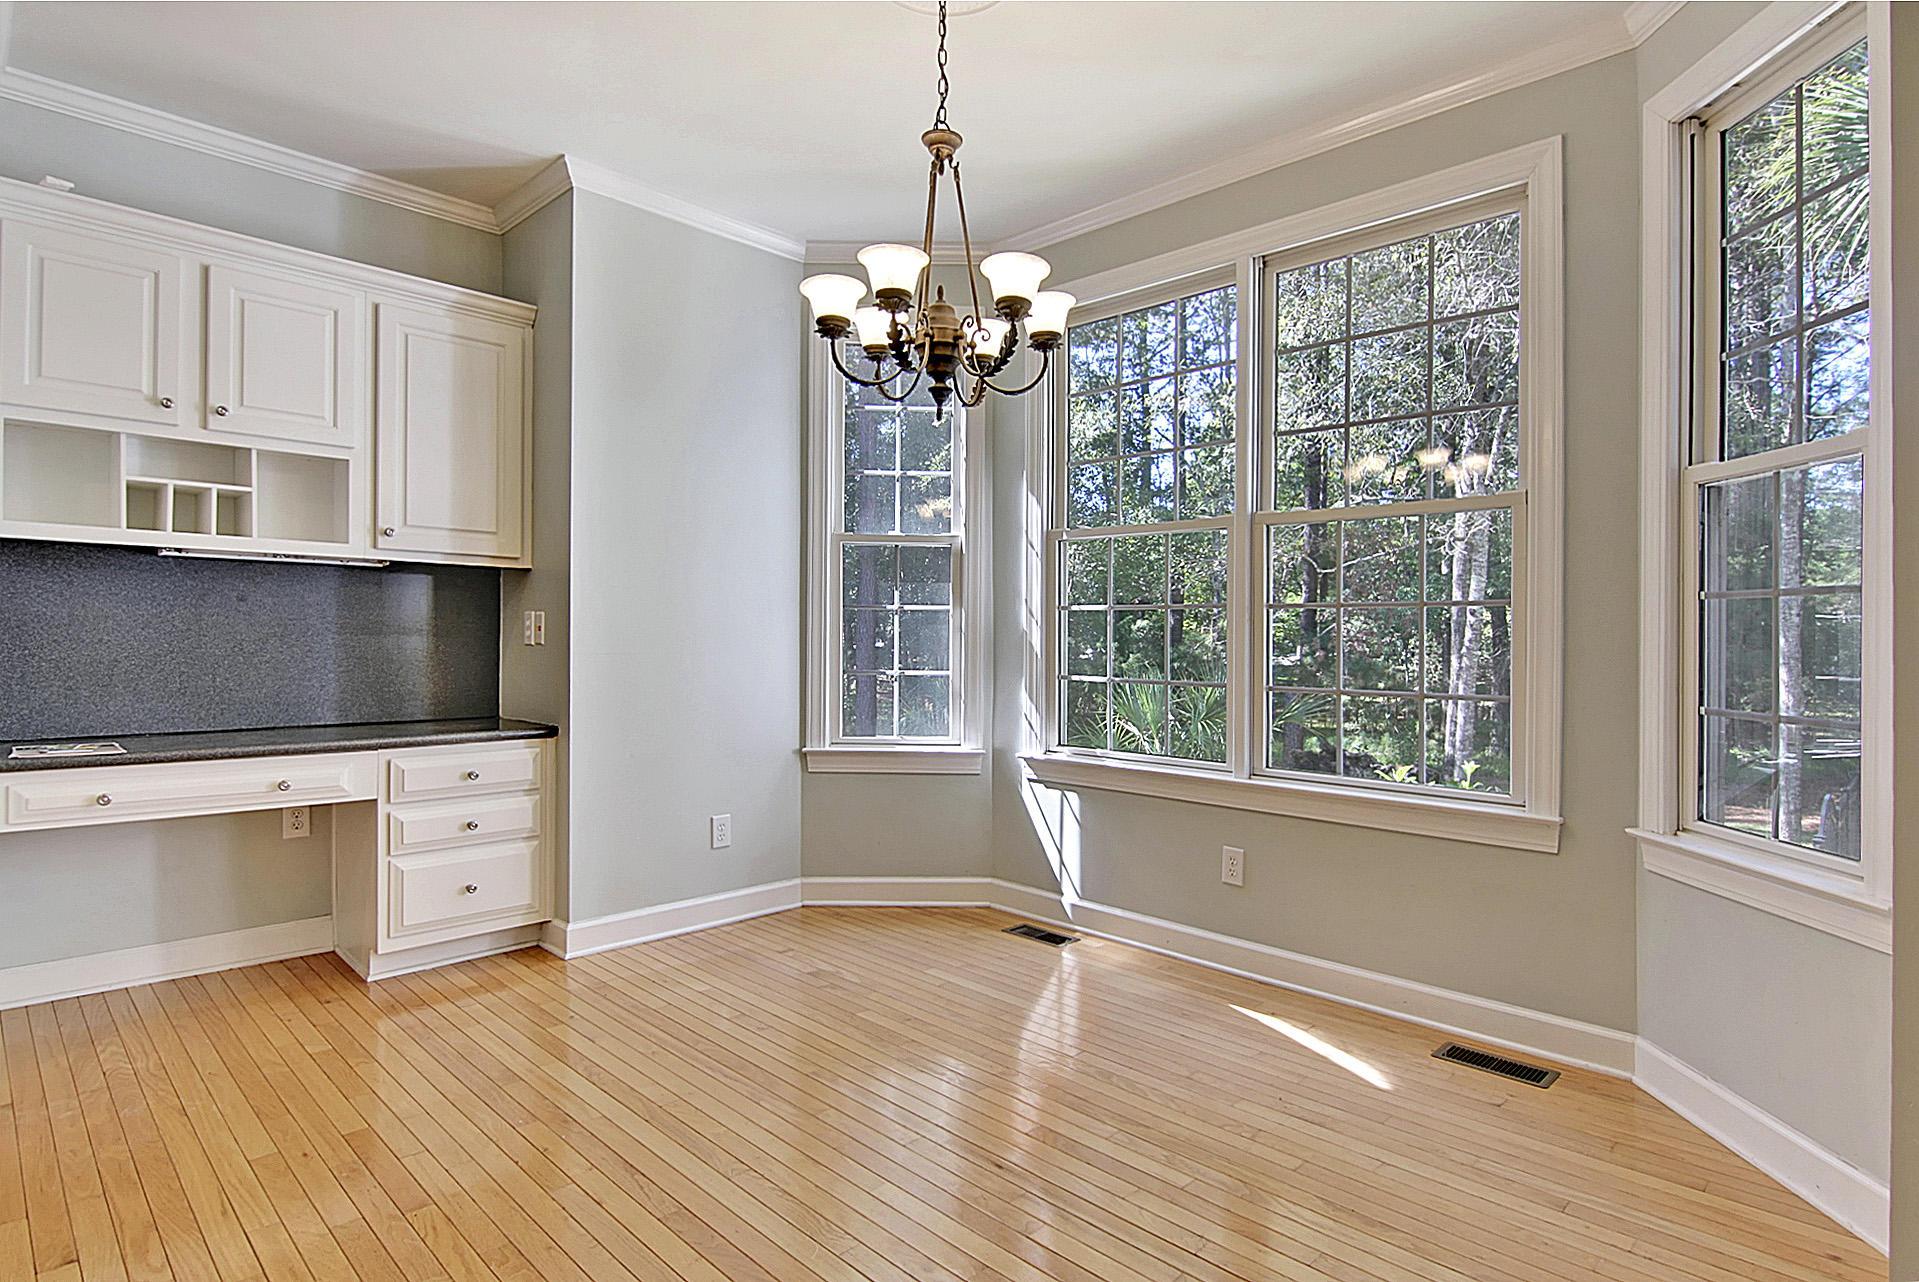 Dunes West Homes For Sale - 2236 Black Oak, Mount Pleasant, SC - 58